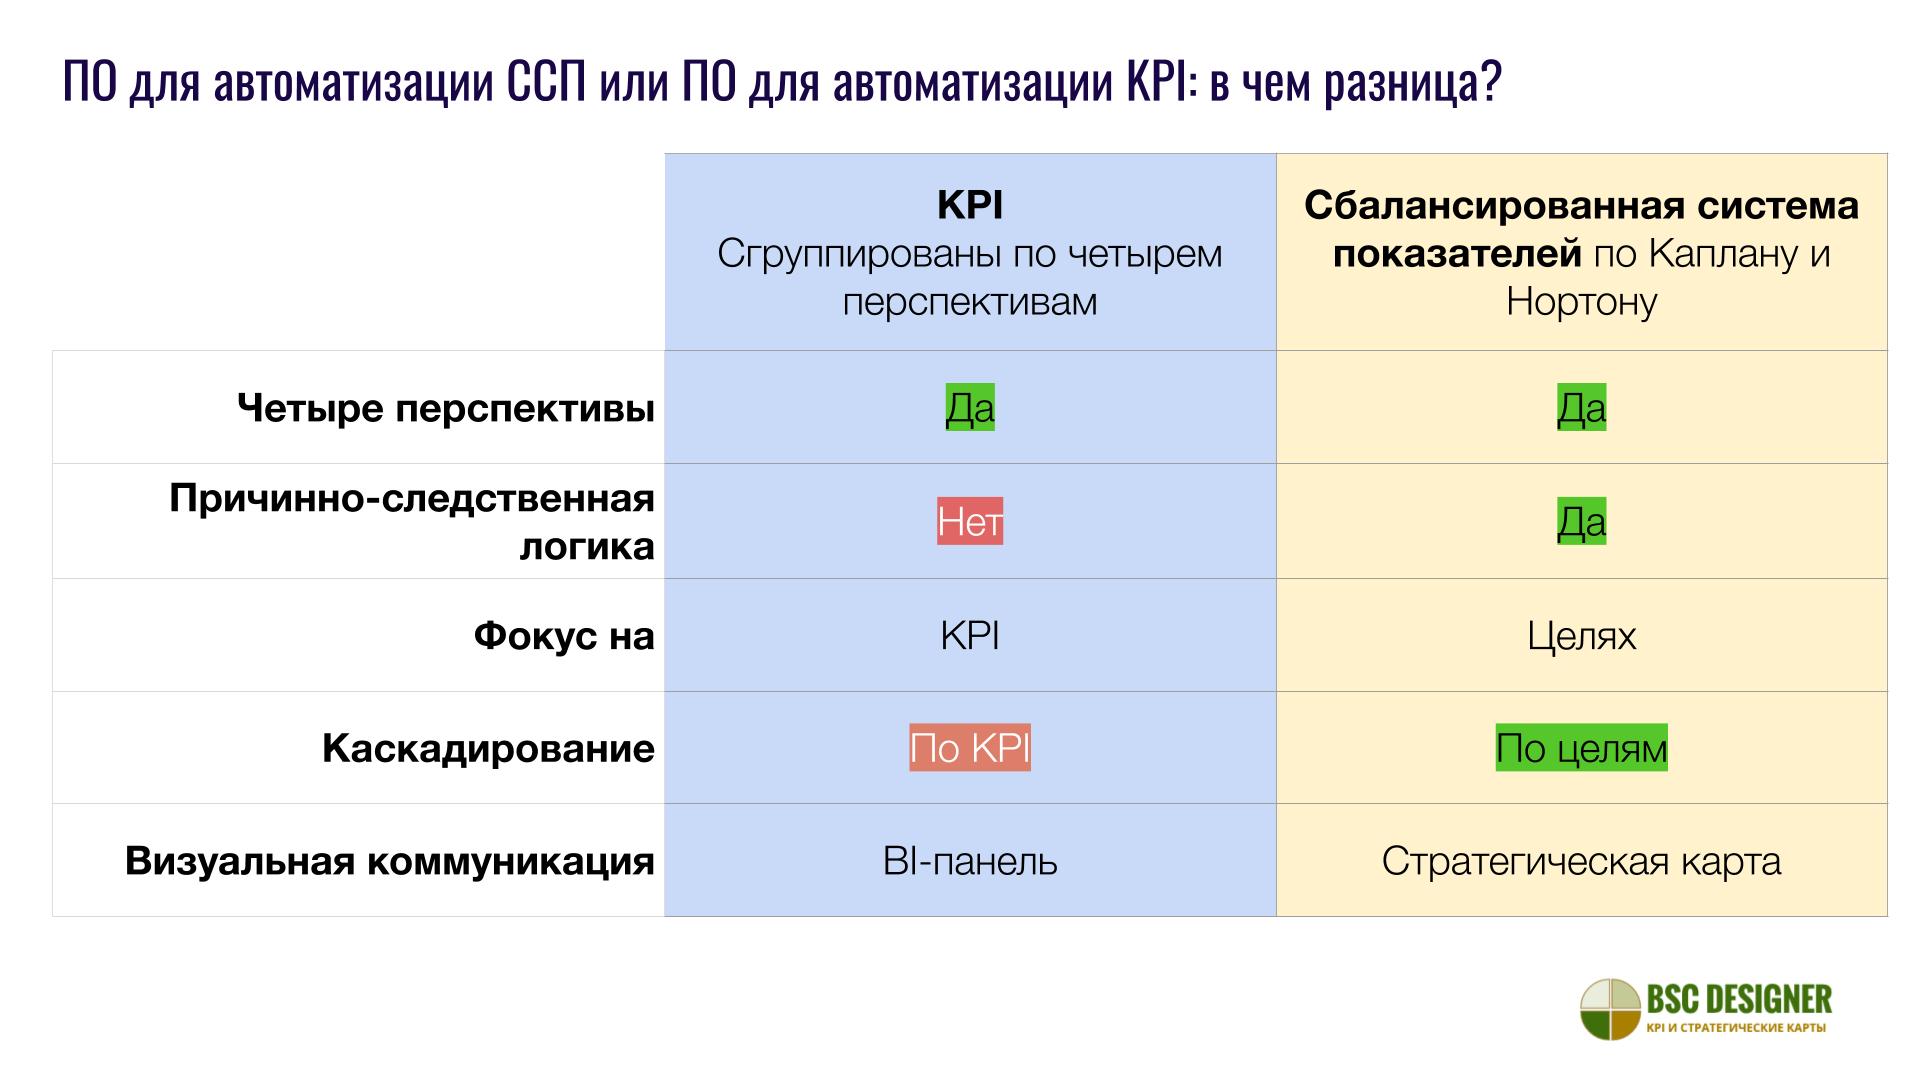 Сравнение программ для автоматизации ССП Каплана и Нортона и инструментов для отслеживания KPI